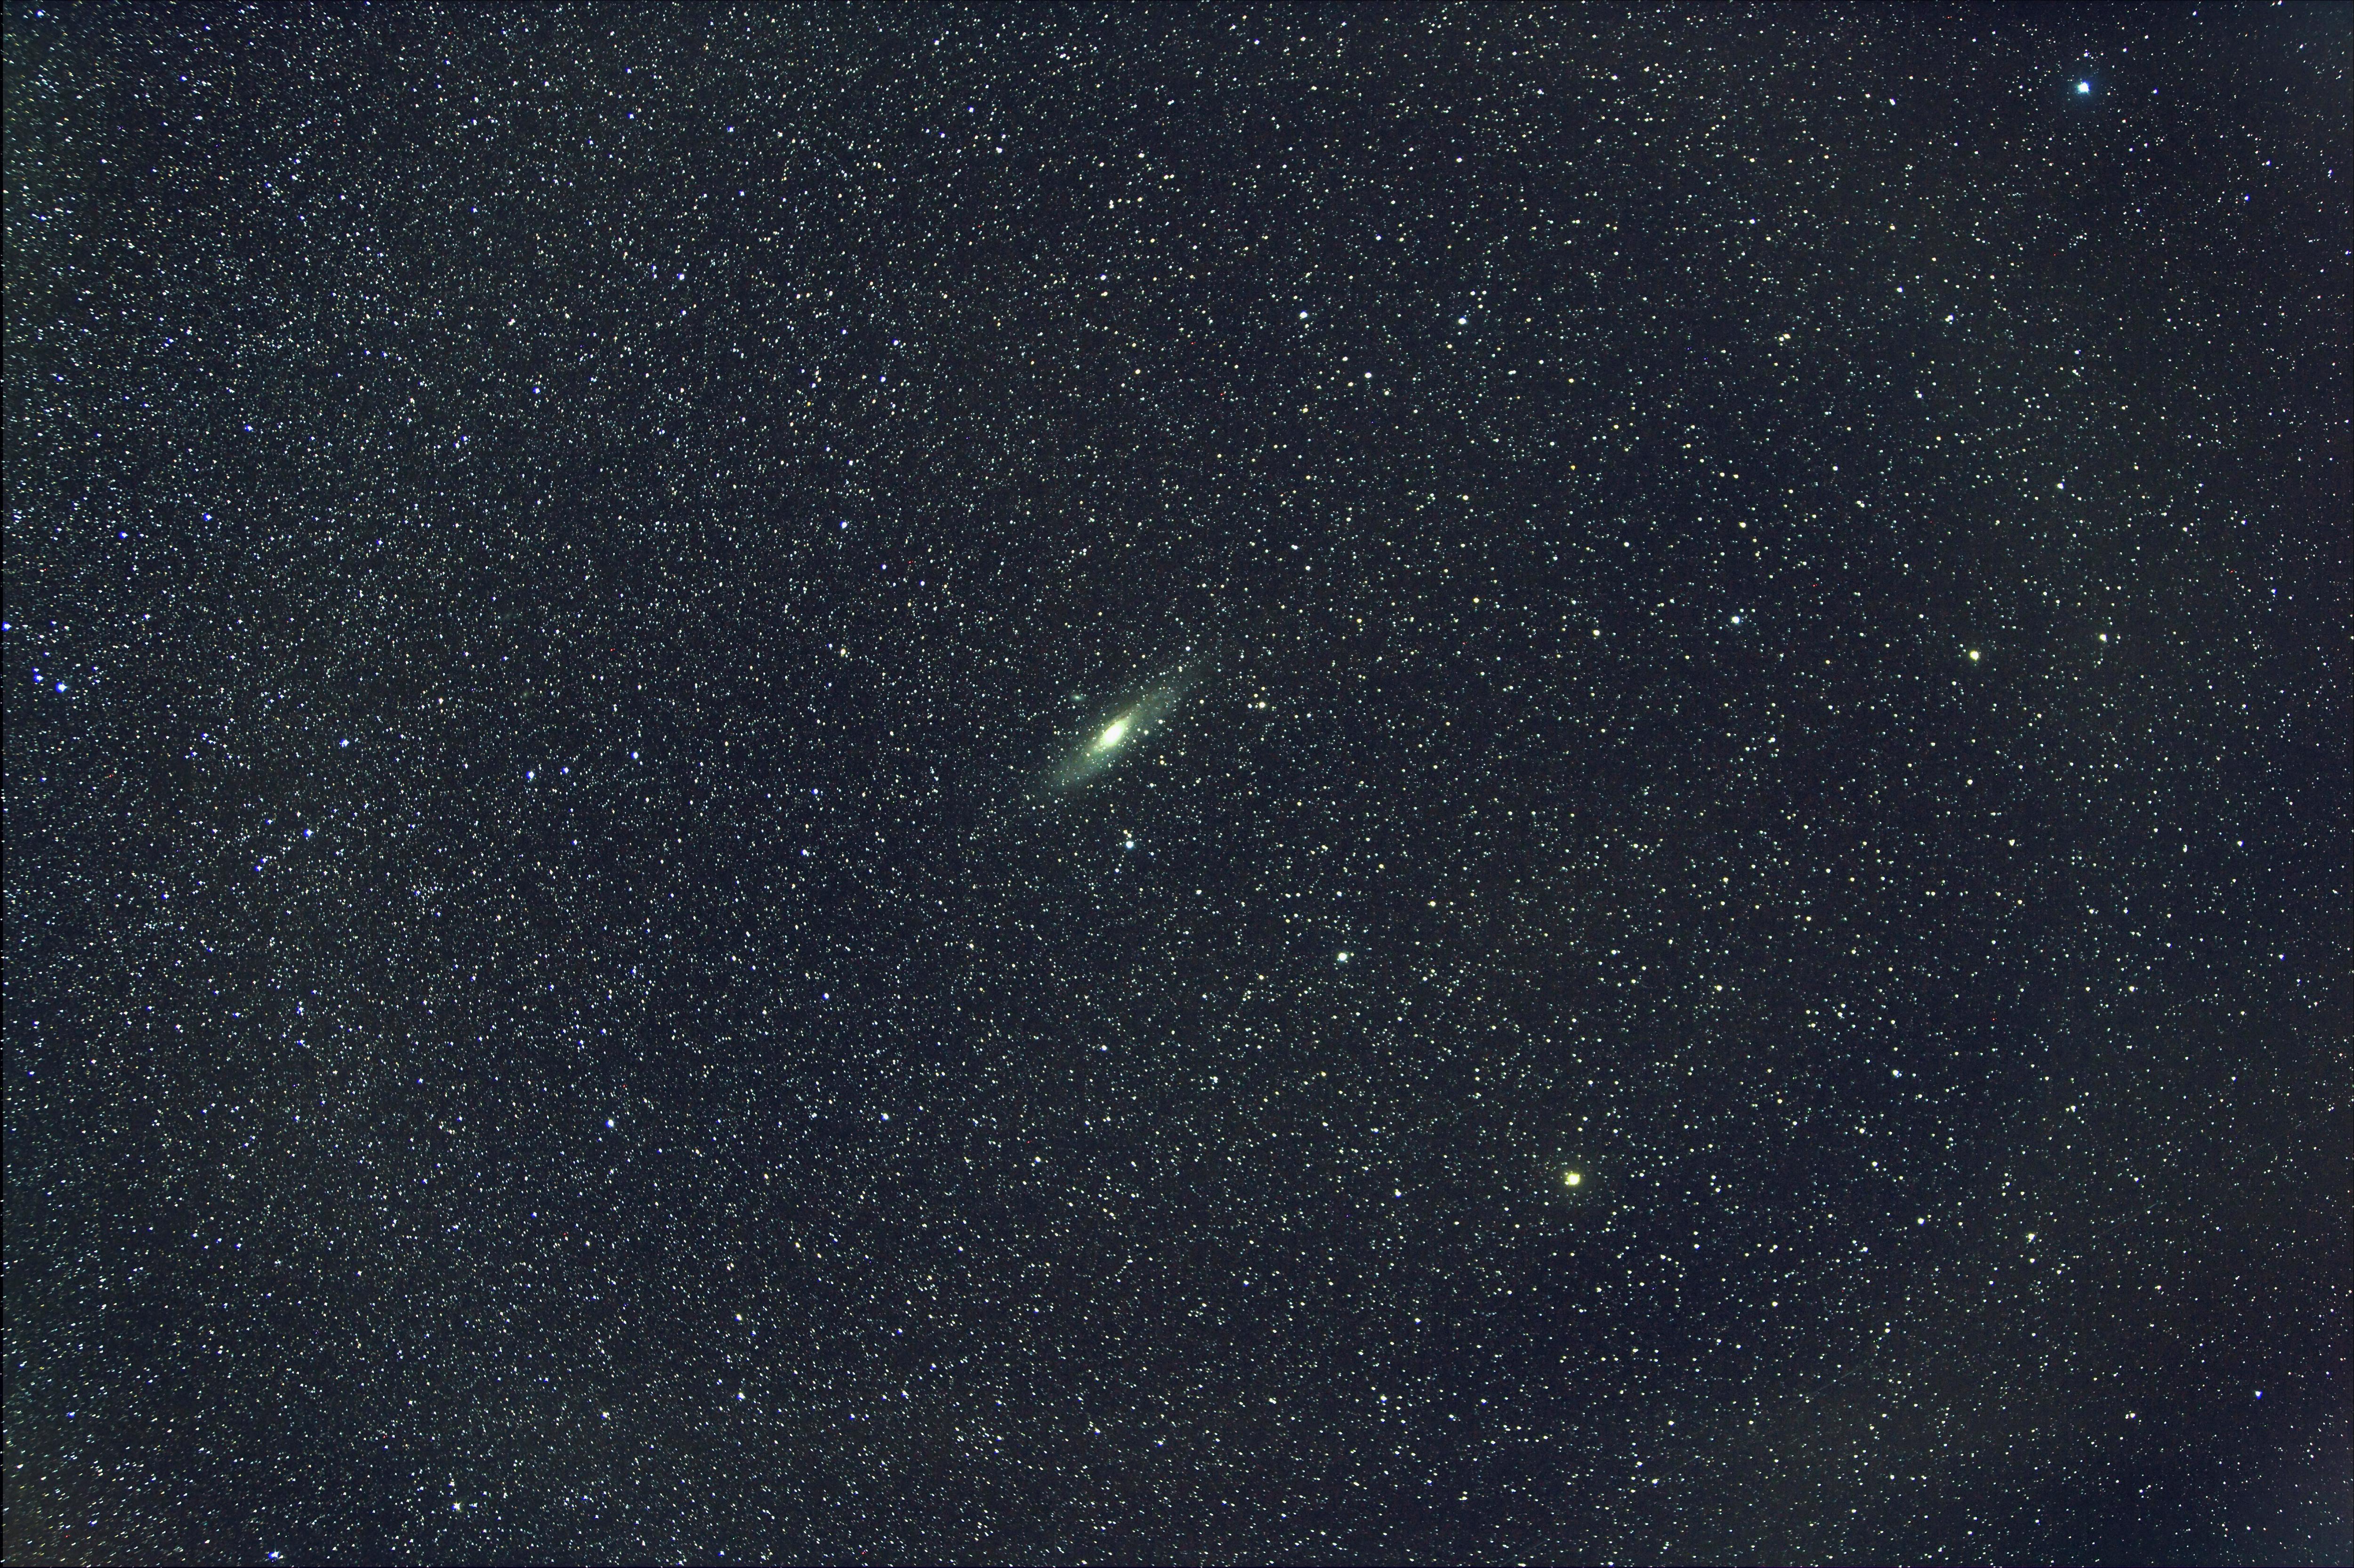 M31 The Andromeda Galaxy Wallpaper.